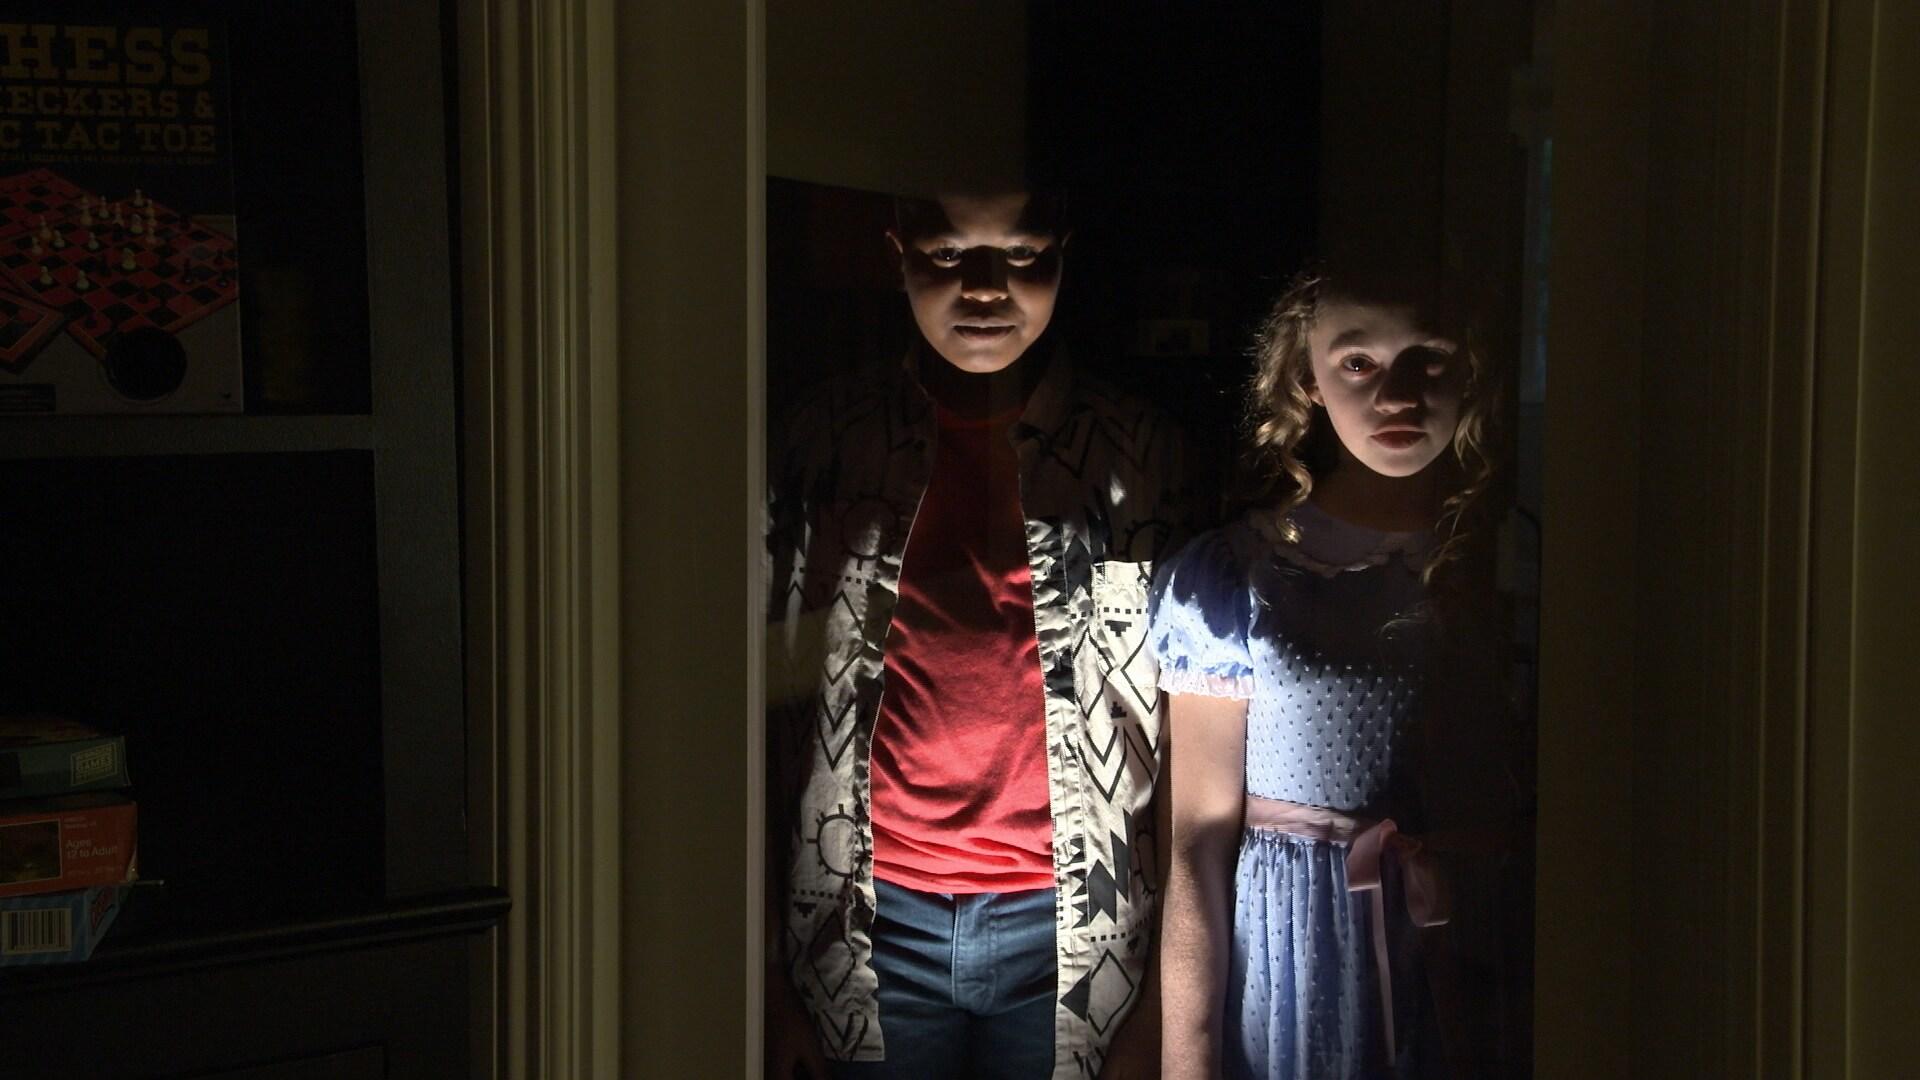 Leyenda de Halloween - ¡Caíste!